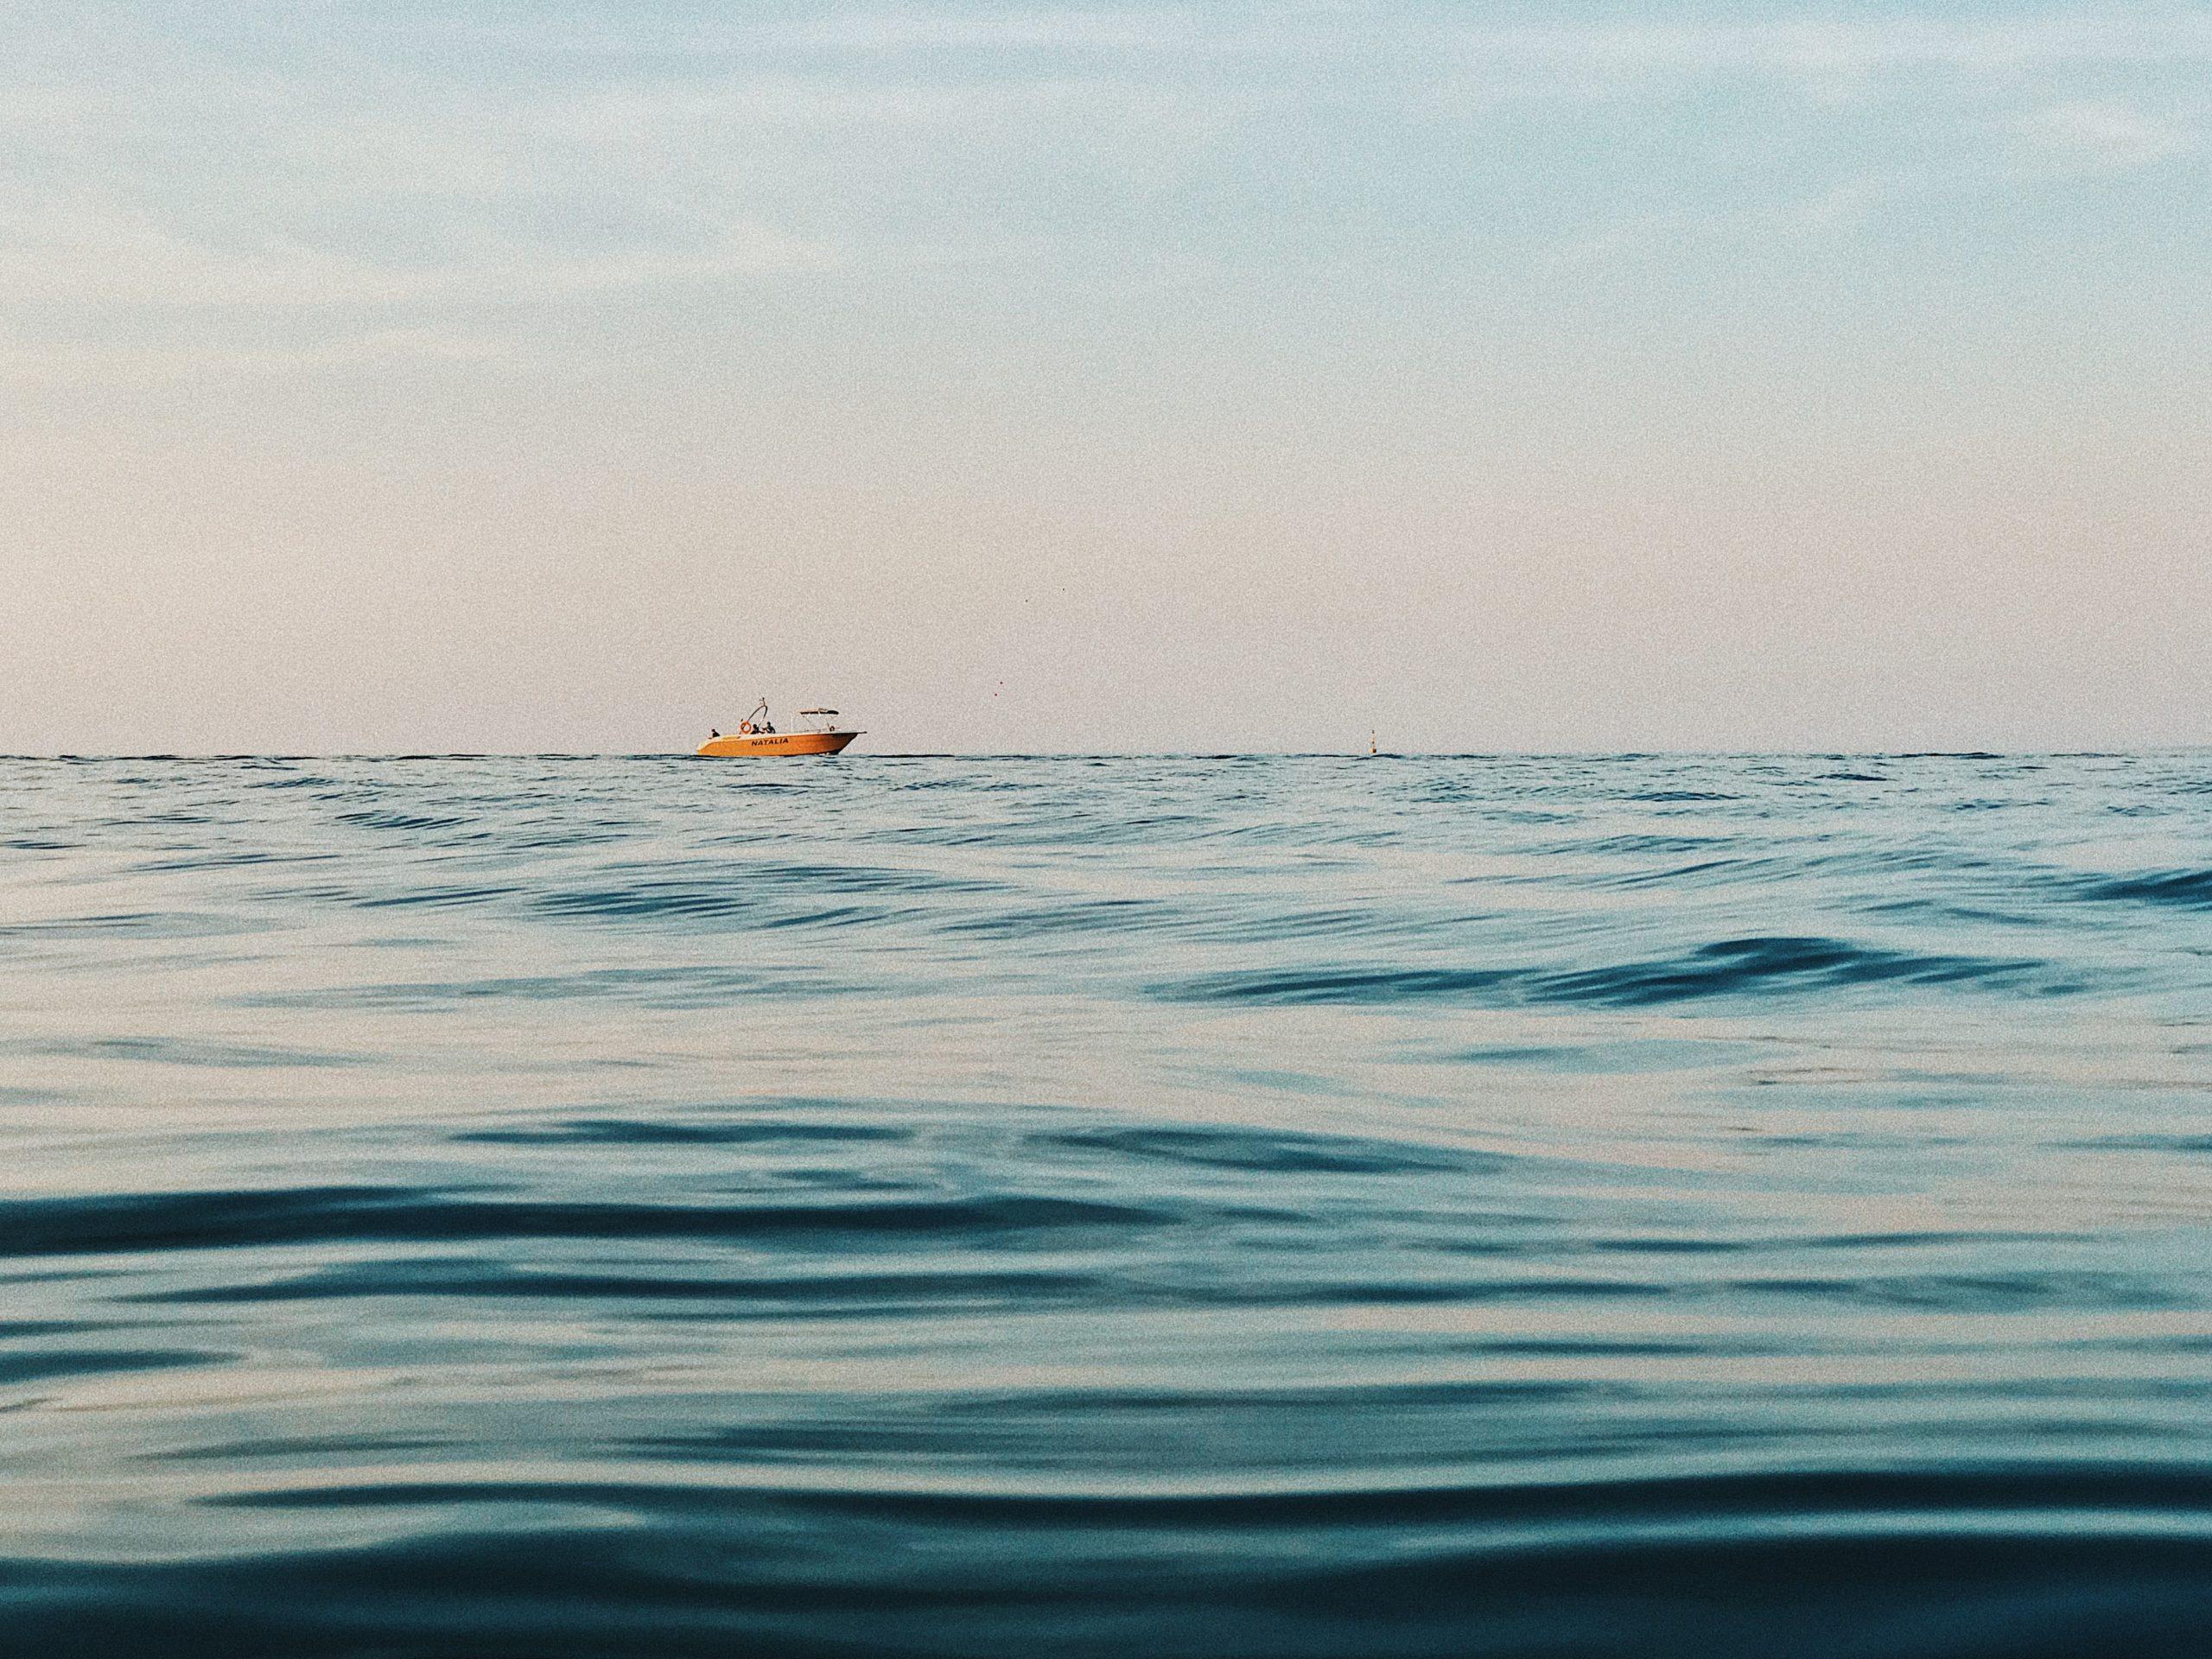 Analýza společnosti Capital Panda na téma nového naleziště zemního plynu v Černém moři